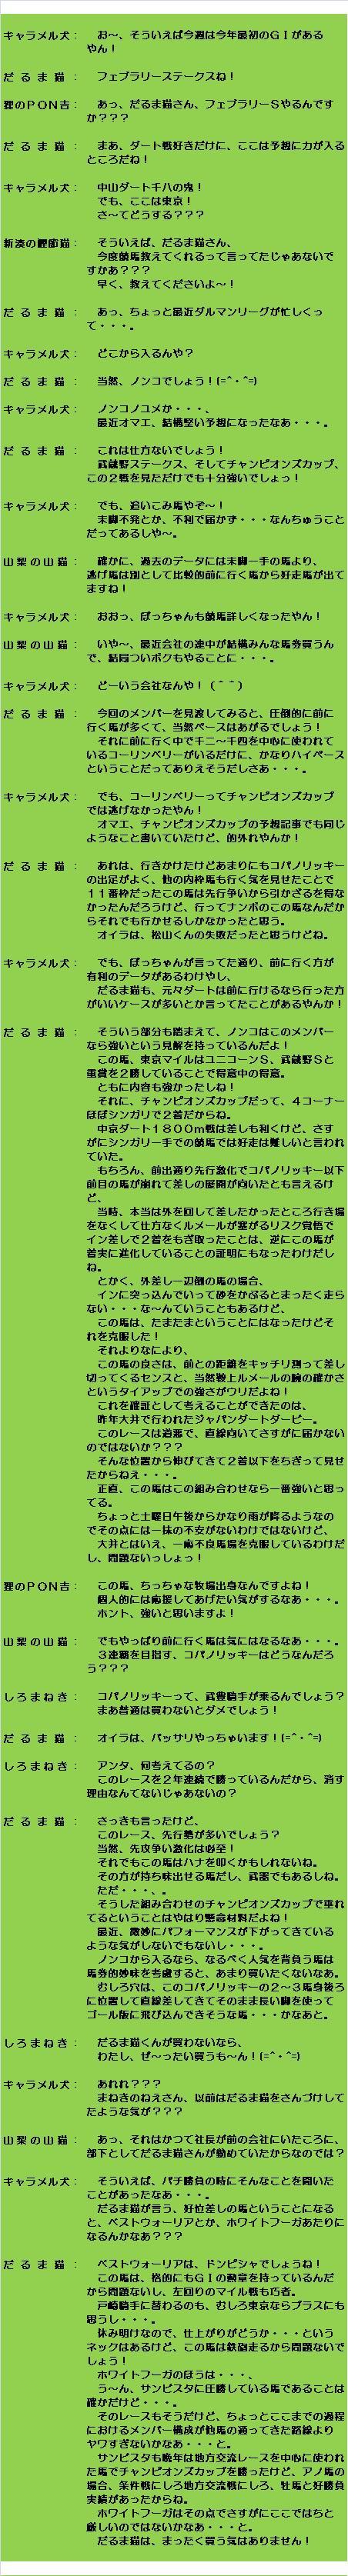 20160221・日曜競馬予想⑤.jpg